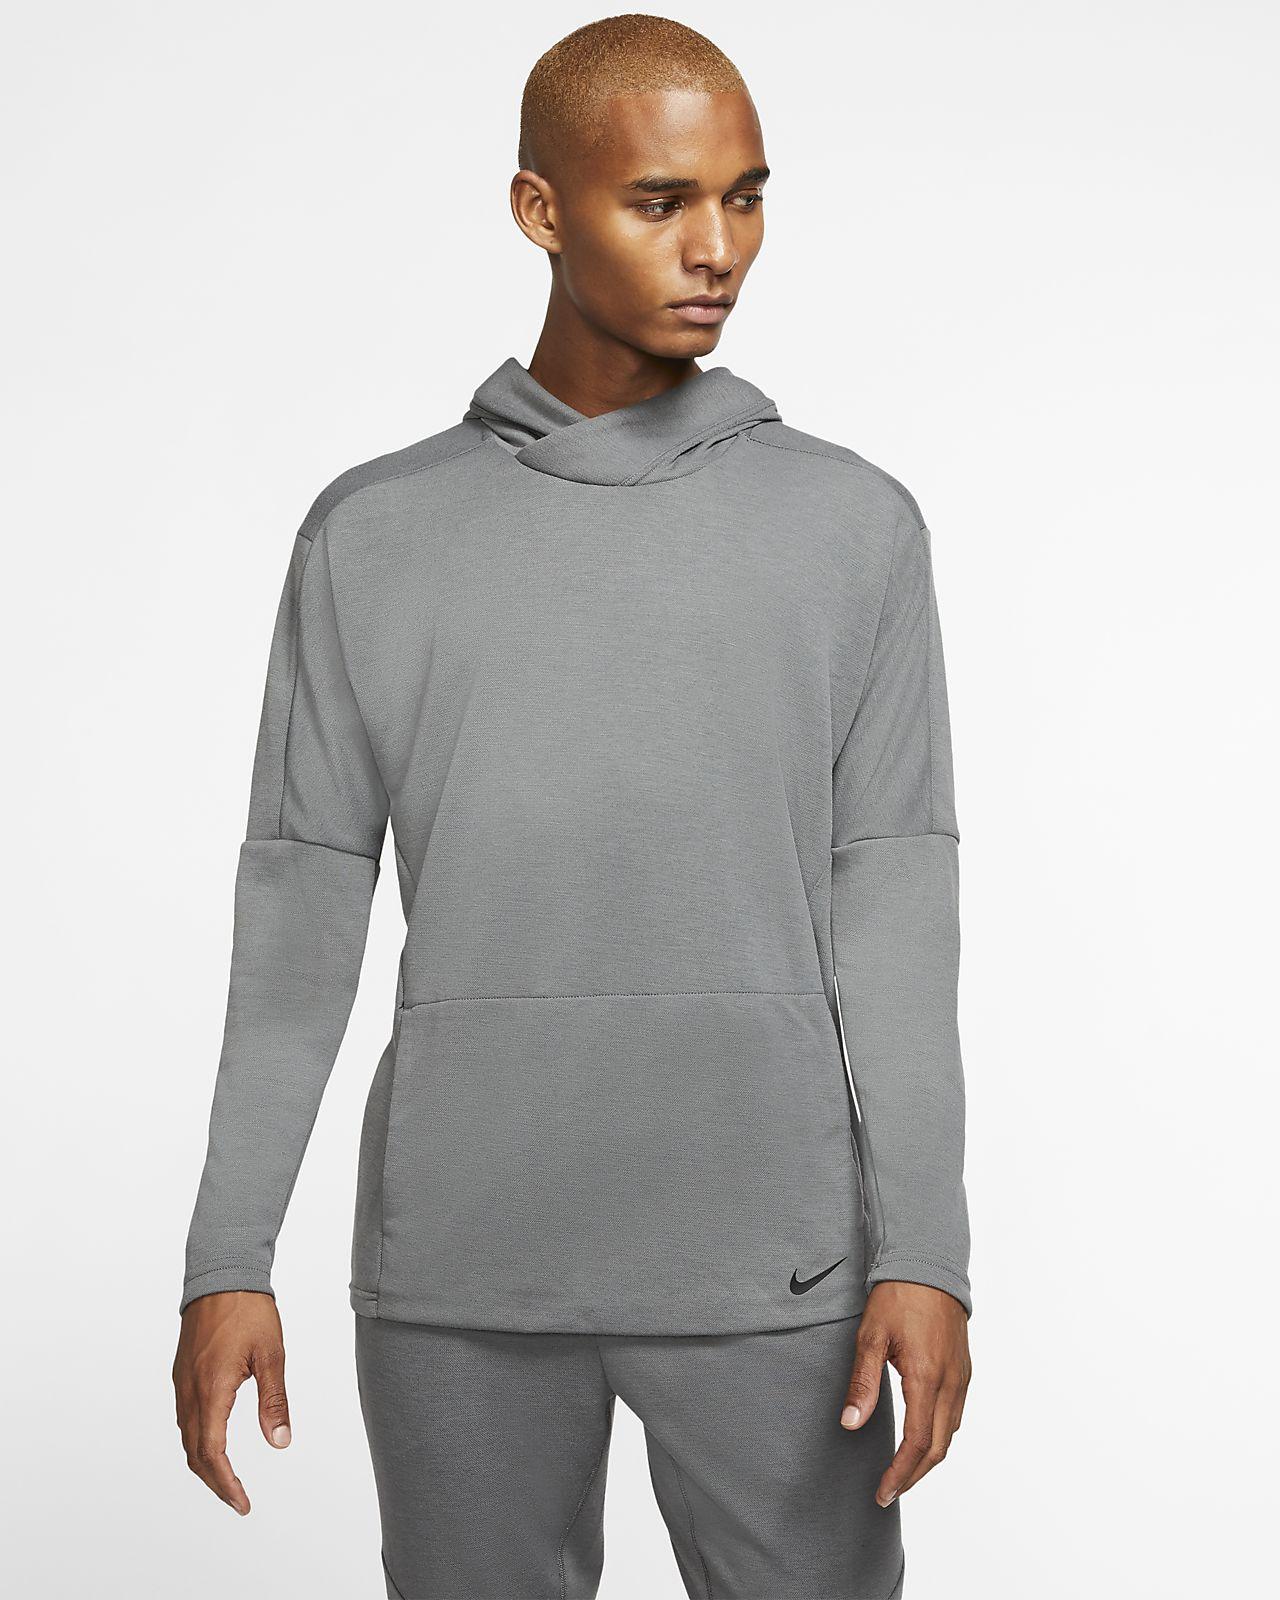 Sweat à capuche Nike Yoga Dri-FIT pour Homme